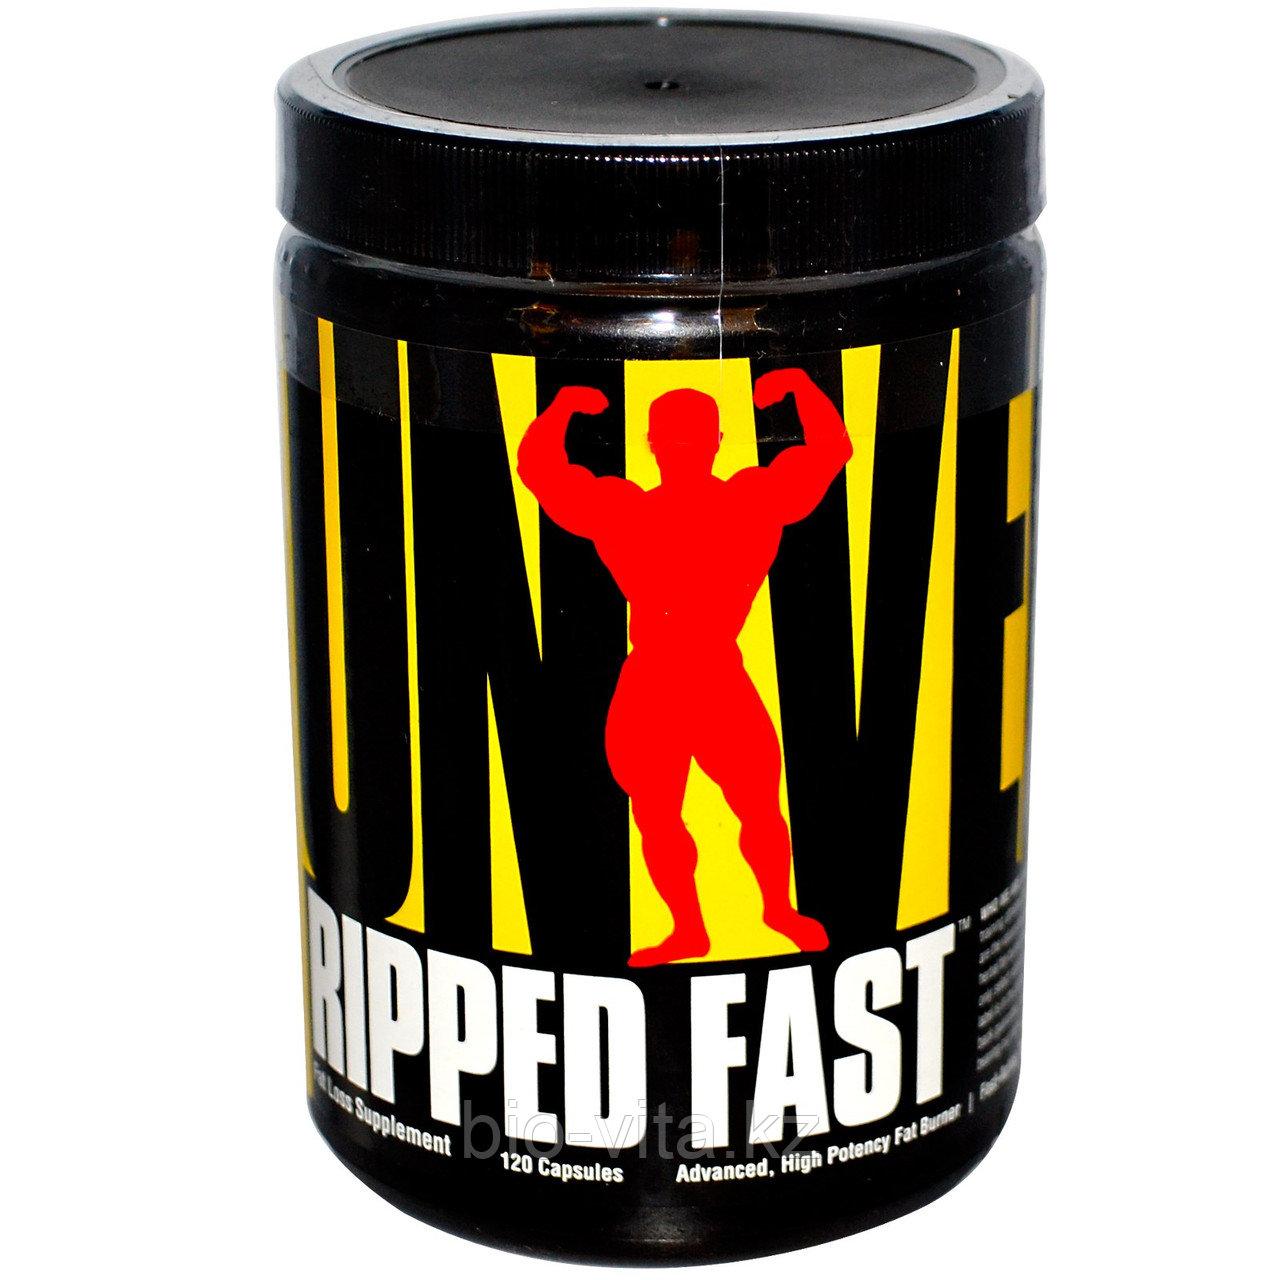 Universal Nutrition, Ripped Fast, Усовершенствованный, высокоэффективный жиросжигатель, 120 капсул.